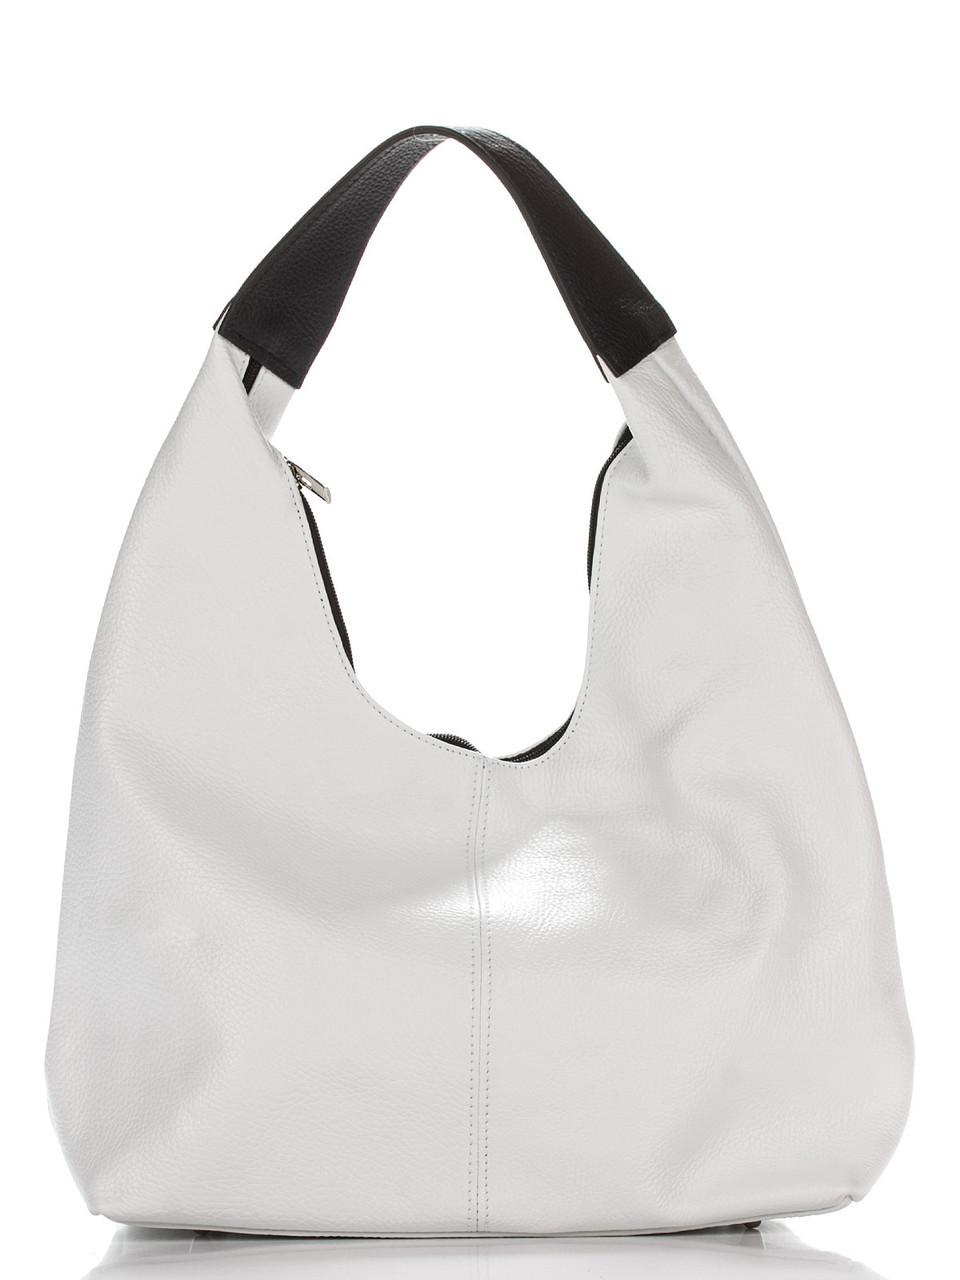 Женская кожаная сумка хобо SONDRA Diva's Bag цвет белый